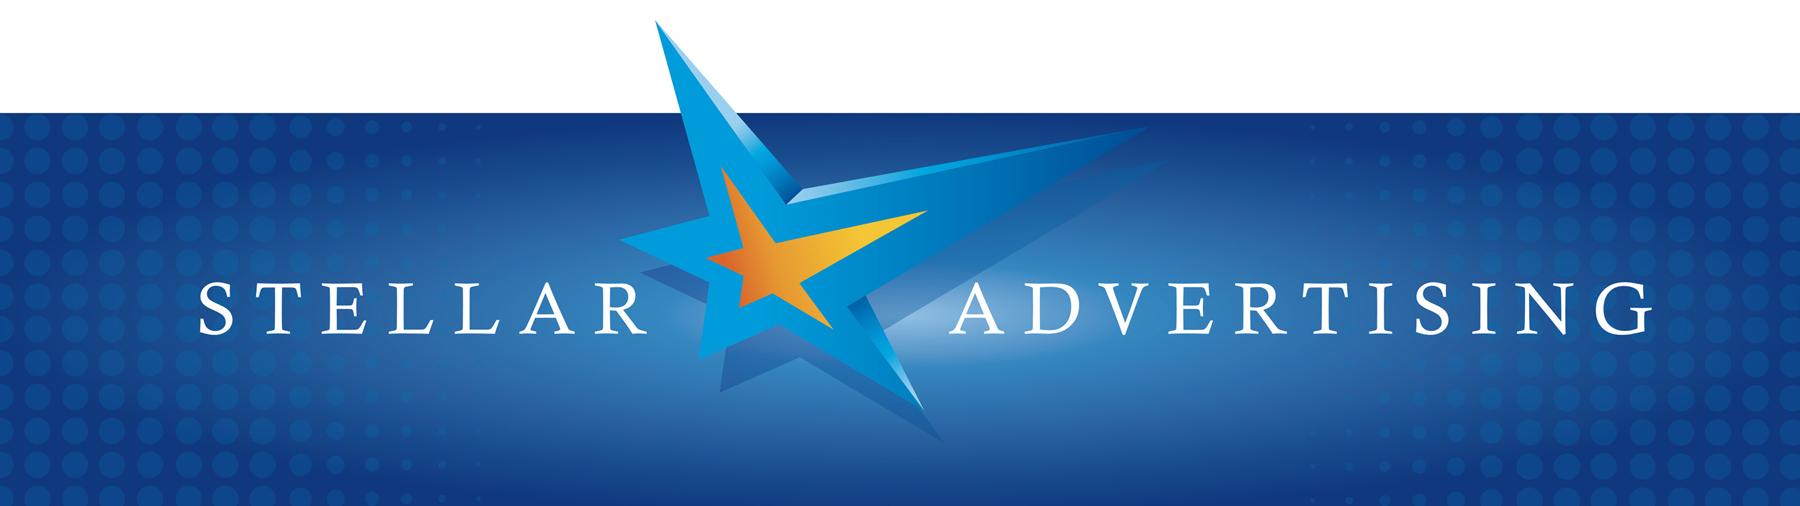 Stellar Advertising Logo Banner